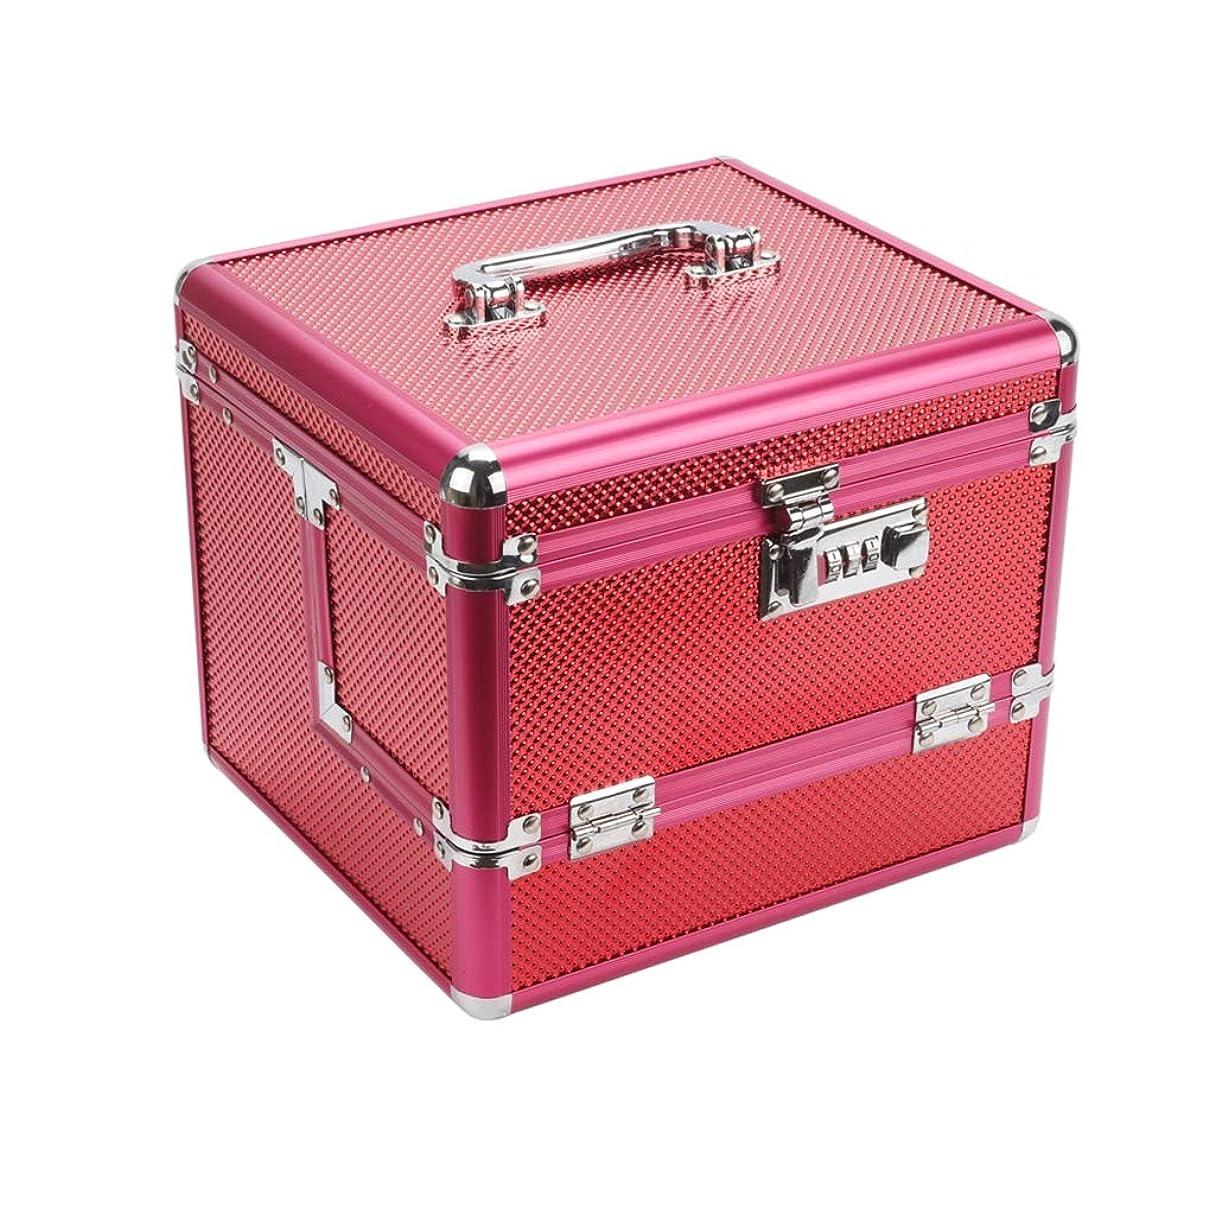 中世の豪華なマンハッタンメイクボックス コスメボックス 収納ボックス 鏡付き トイレ 鍵付き 24×20.5×20.5cm 取っ手付き 多層 仕切り 洗面用具入れ プロ用 収納力抜群 おしゃれ 小物整理 超軽量 出張用 旅行用 フック付き 化粧ケース